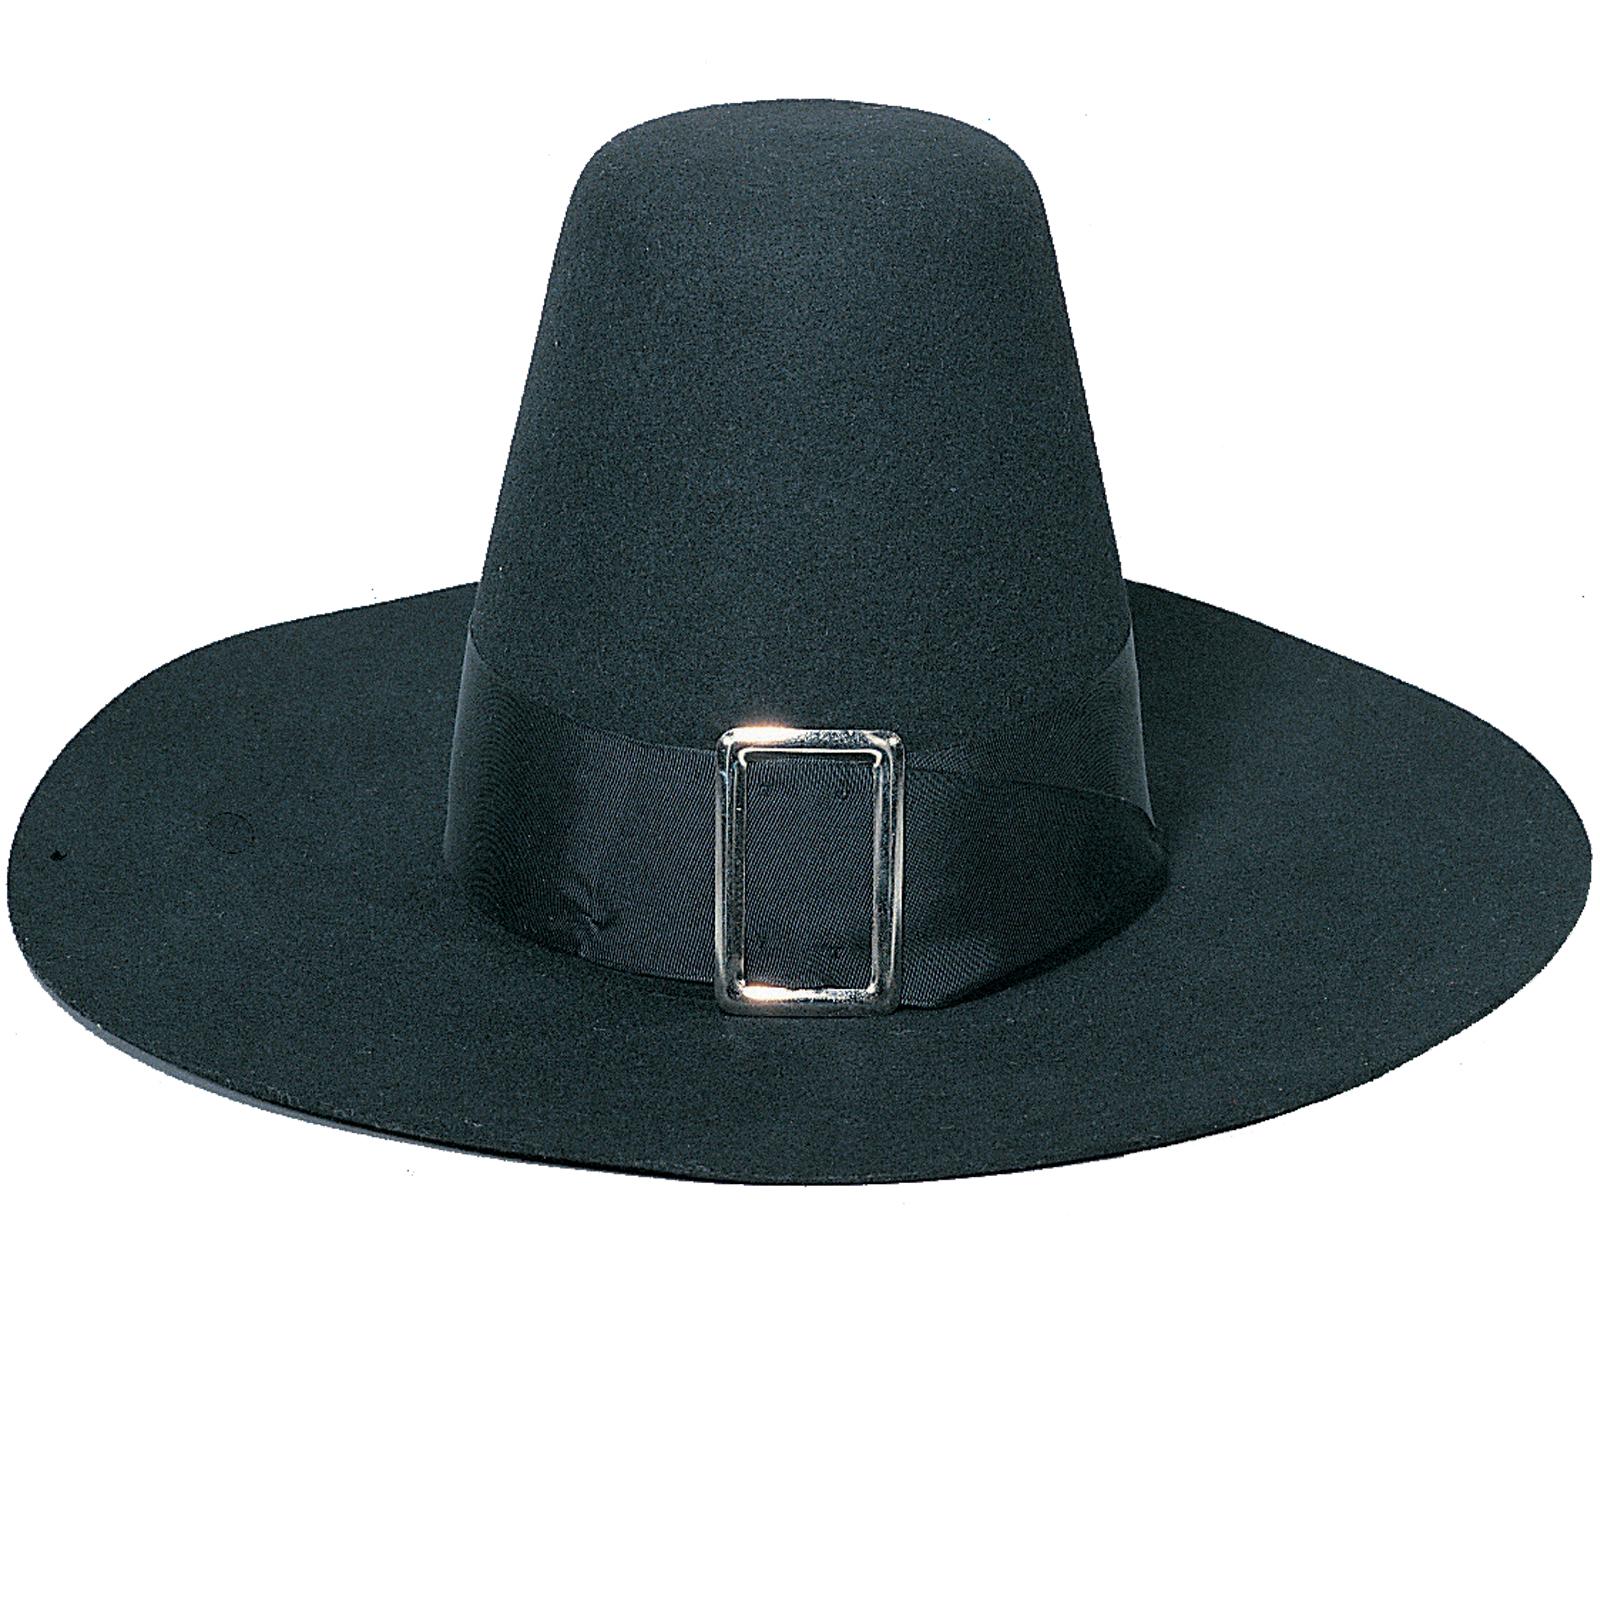 Sombreros, sombreros y más sombreros